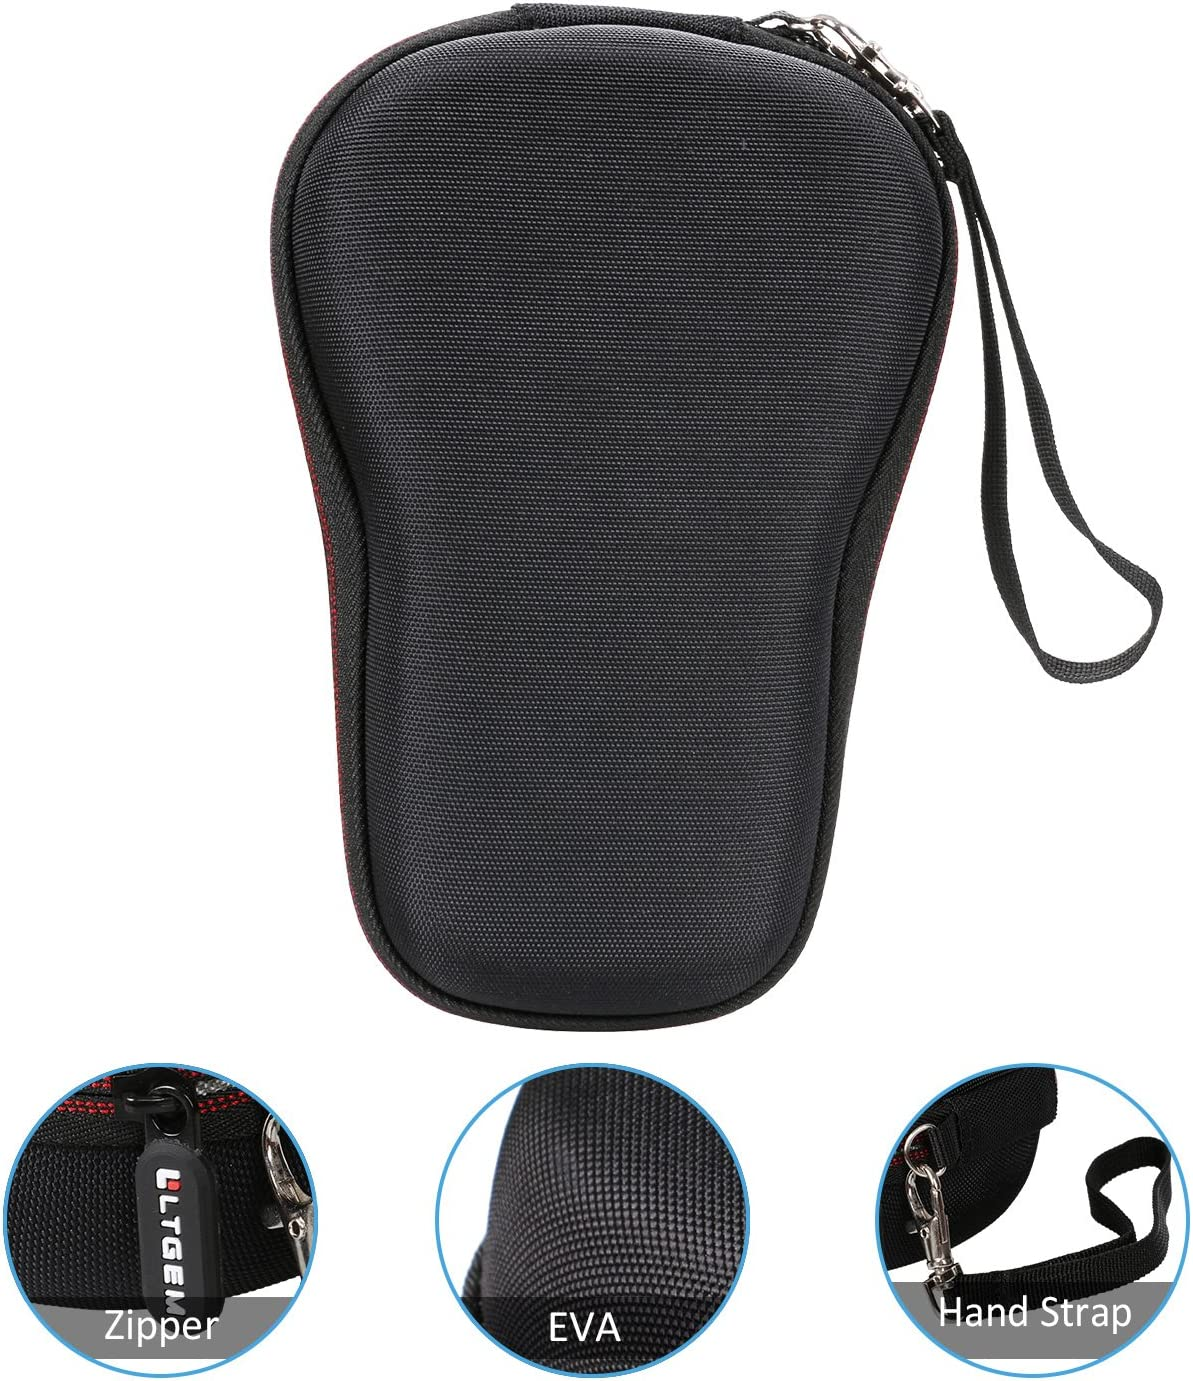 Camisin EVA Custodia rigida per DYMO LetraTag LT-100H Handheld Label Maker Viaggio Protettiva Borsa di Immagazzinaggio